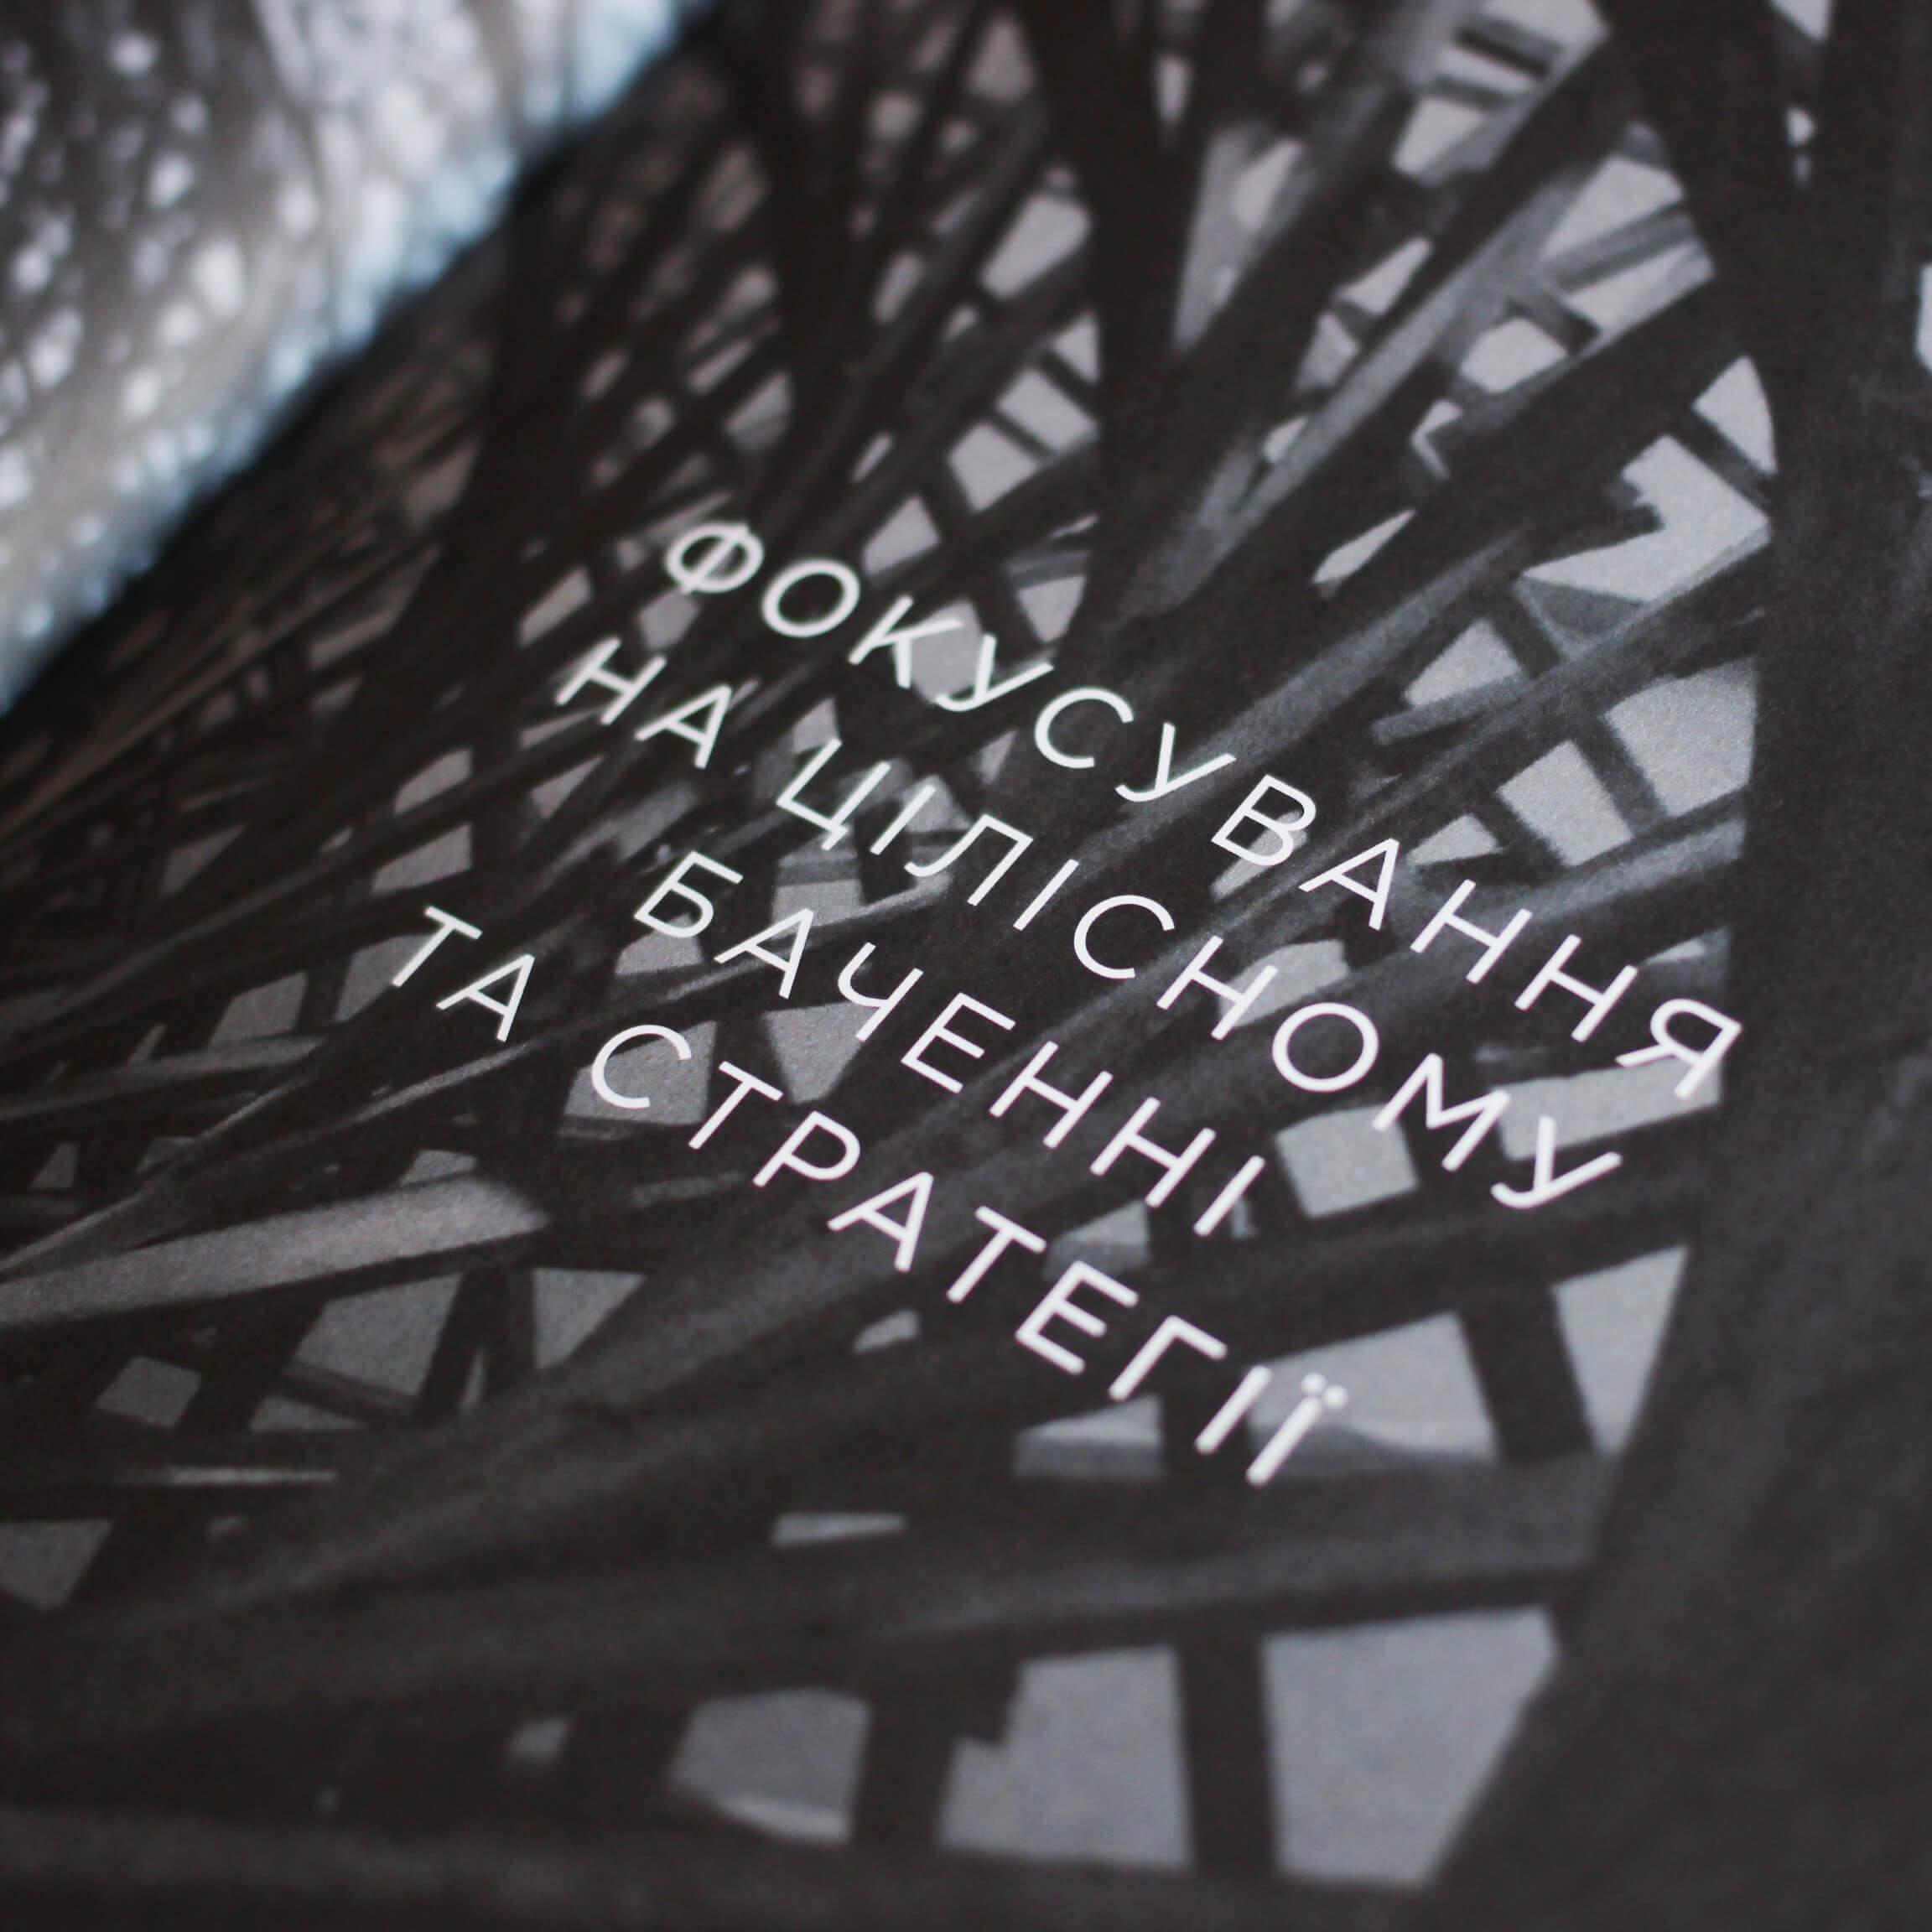 брошюра Киево-Могилянской академии